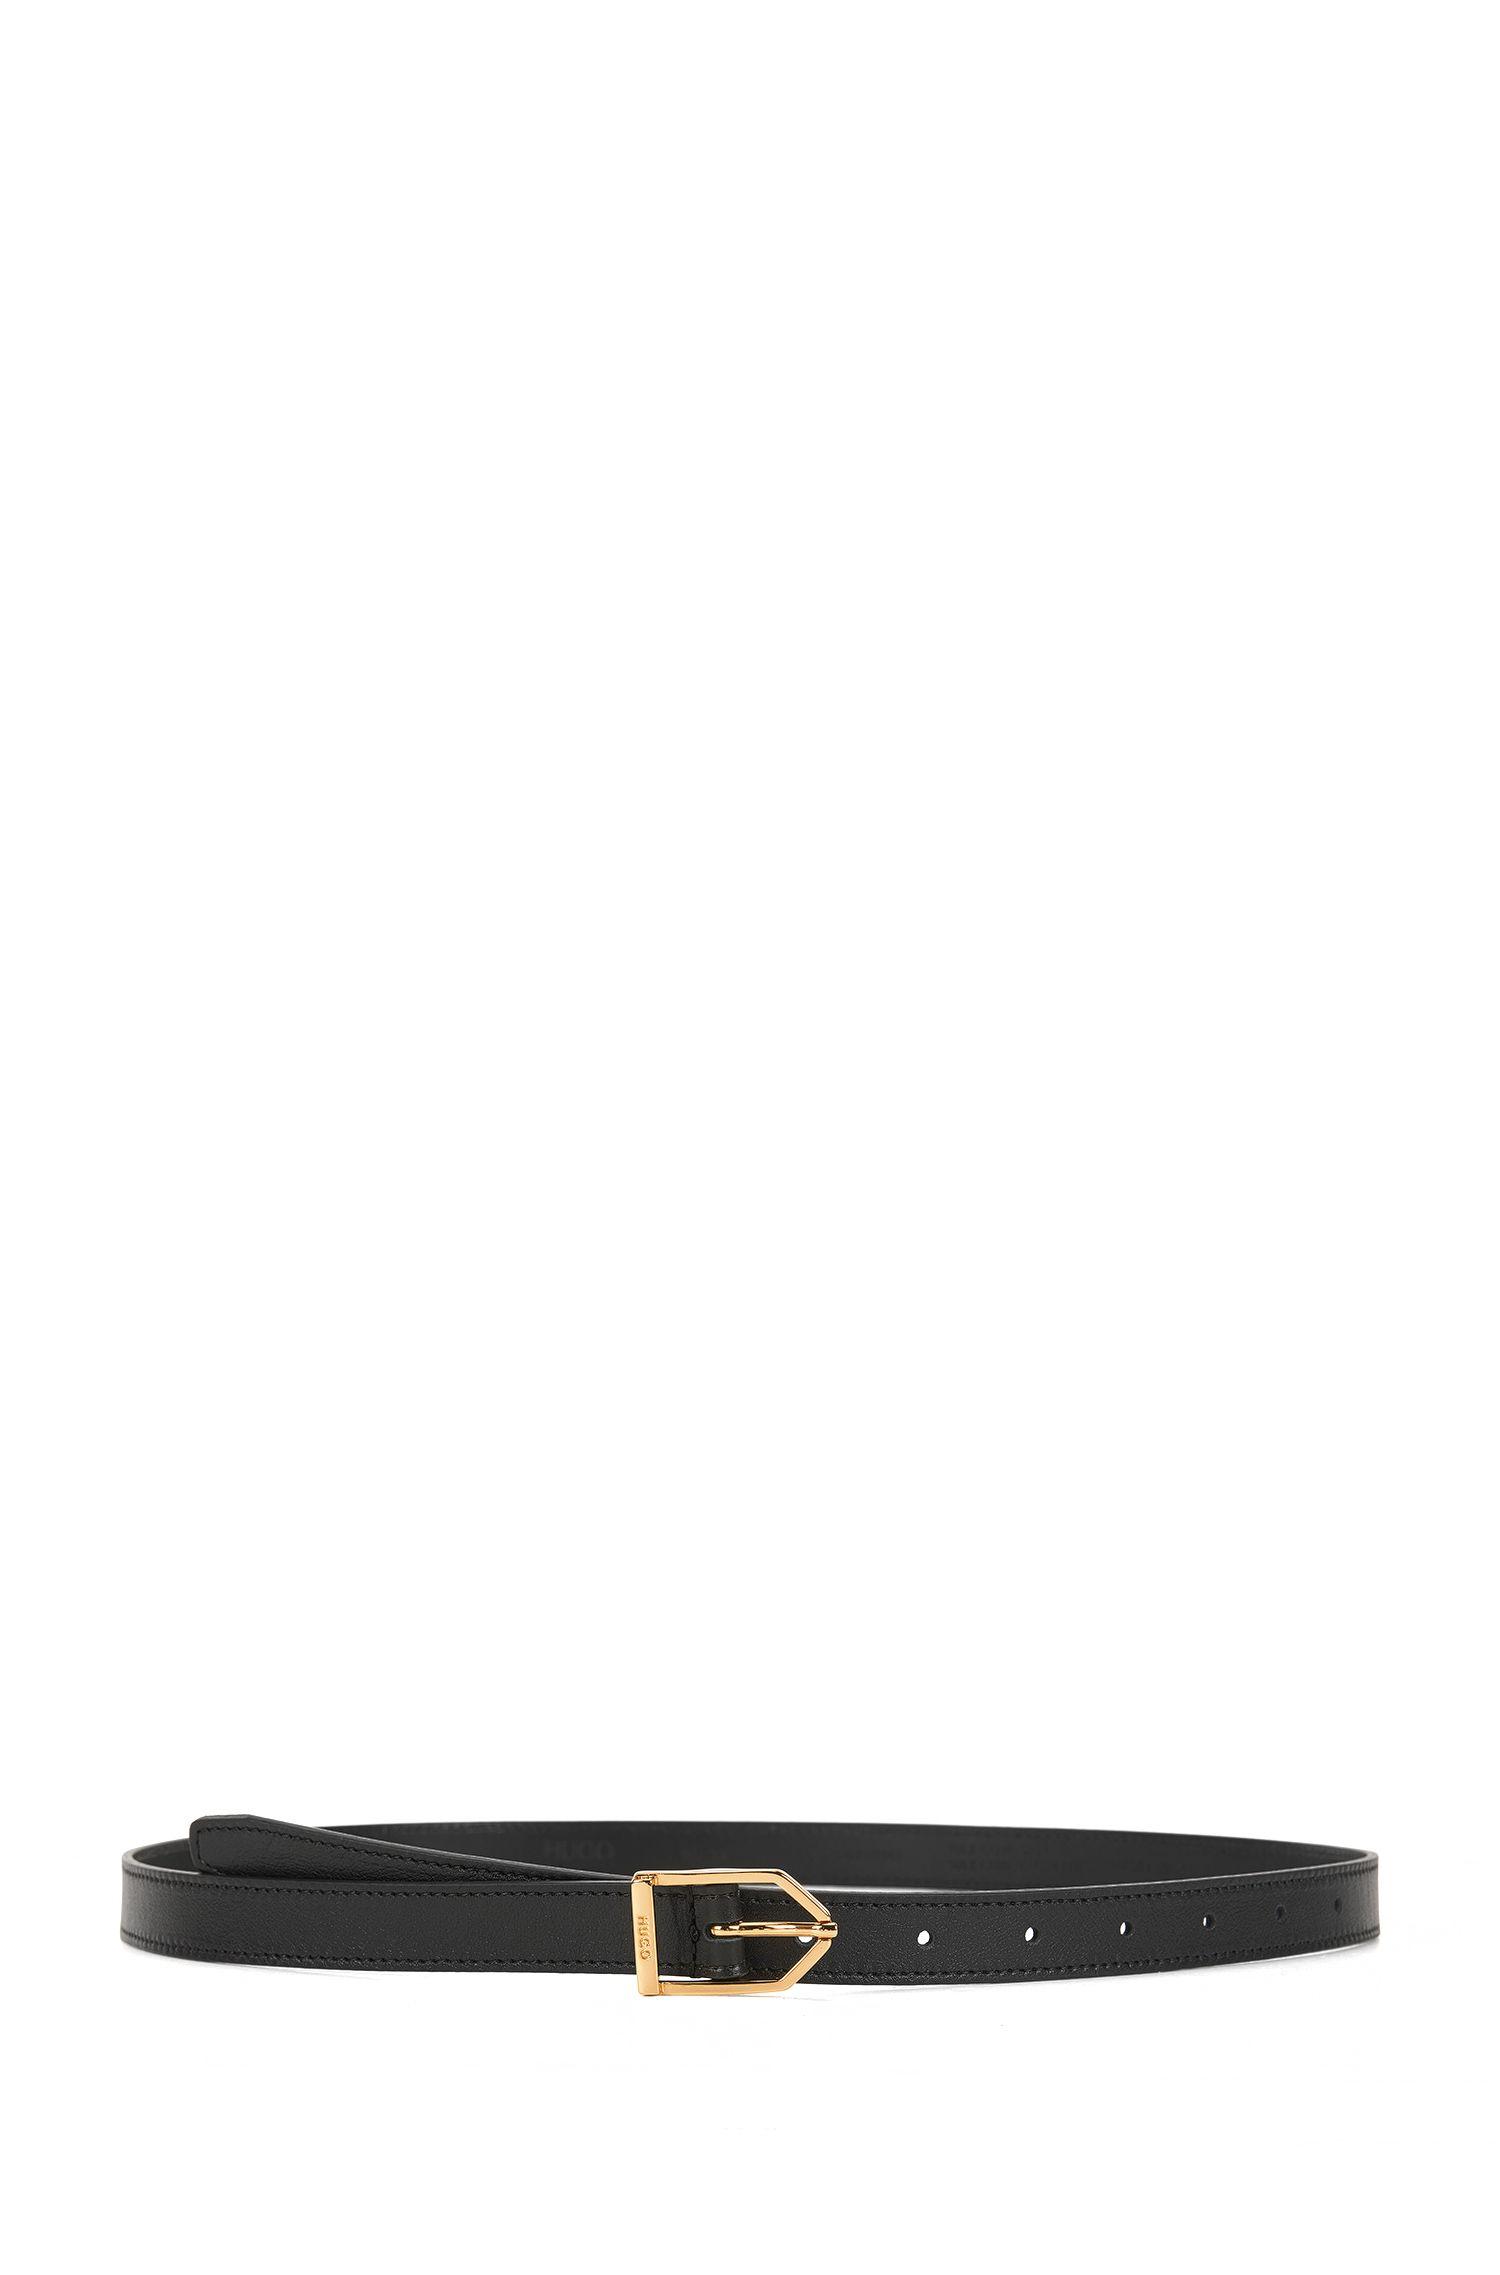 Cinturón estrecho de piel con hebilla moderna